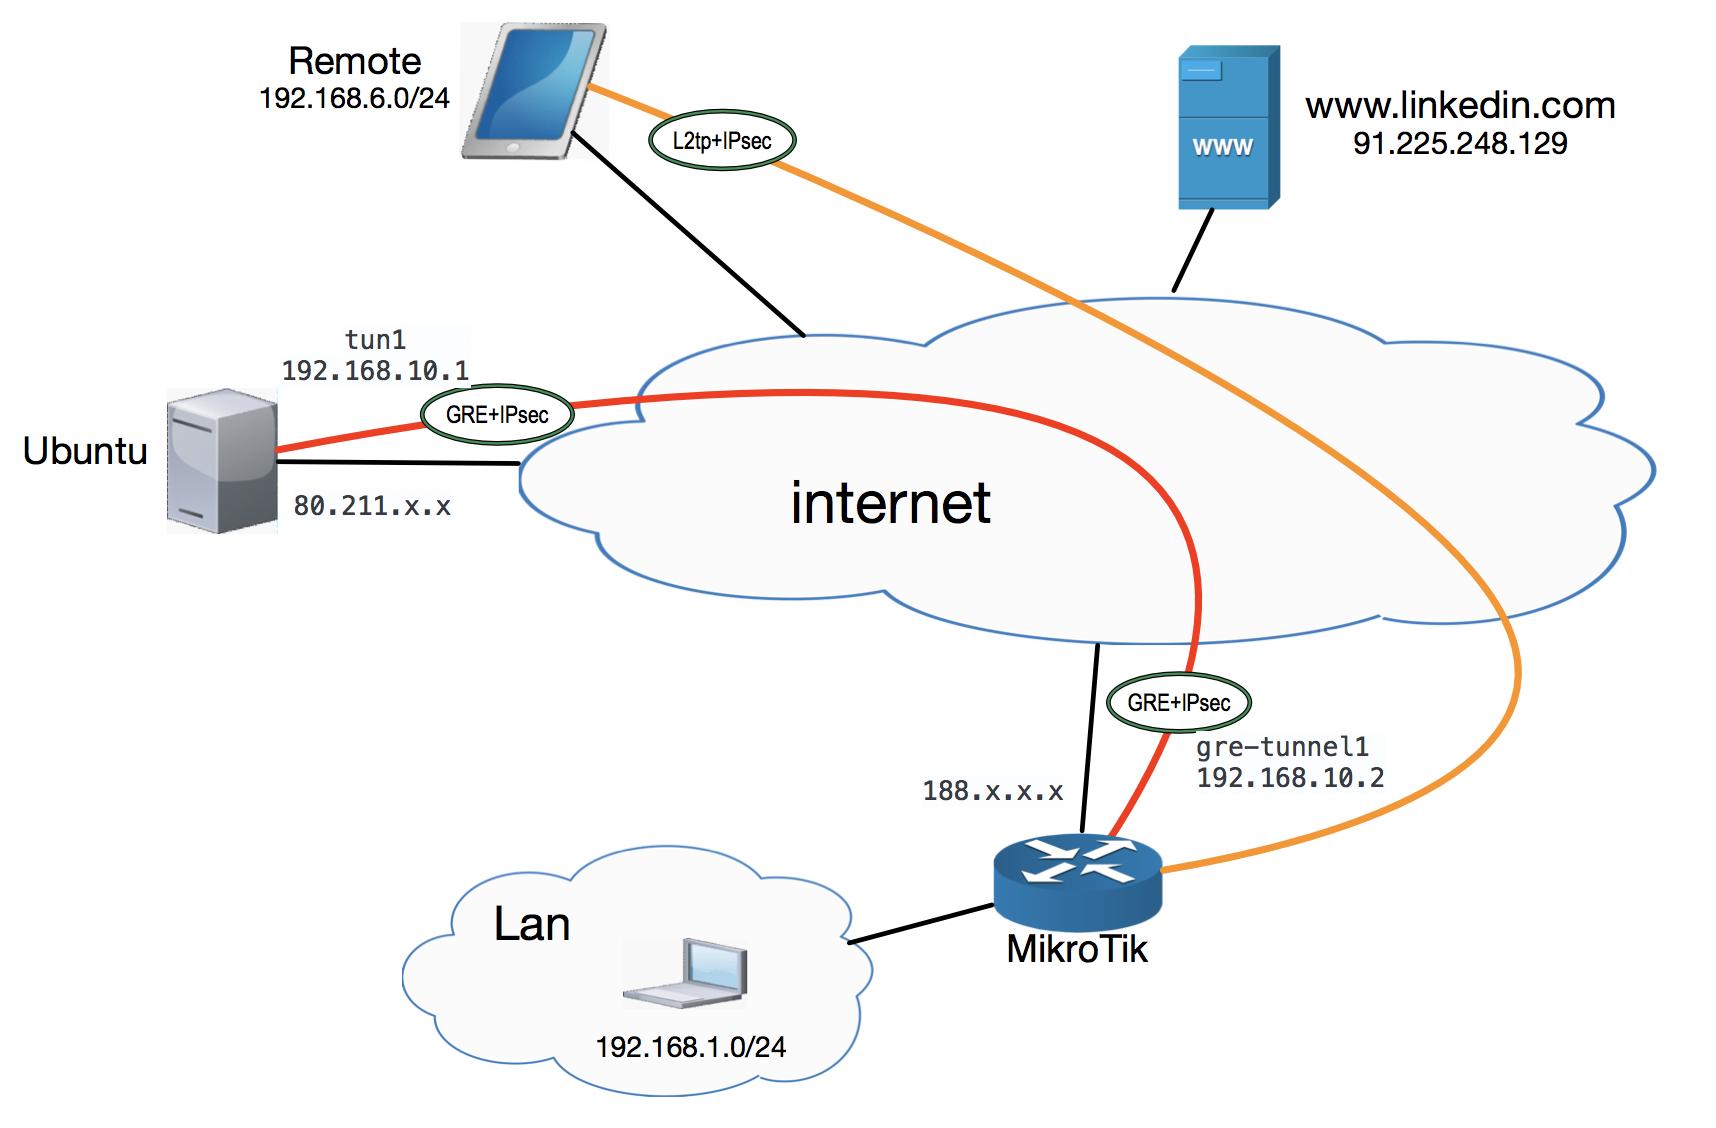 Выходим в интернет за пределами РФ: (MikroTik<->Ubuntu) * GRE - IPsec - 1